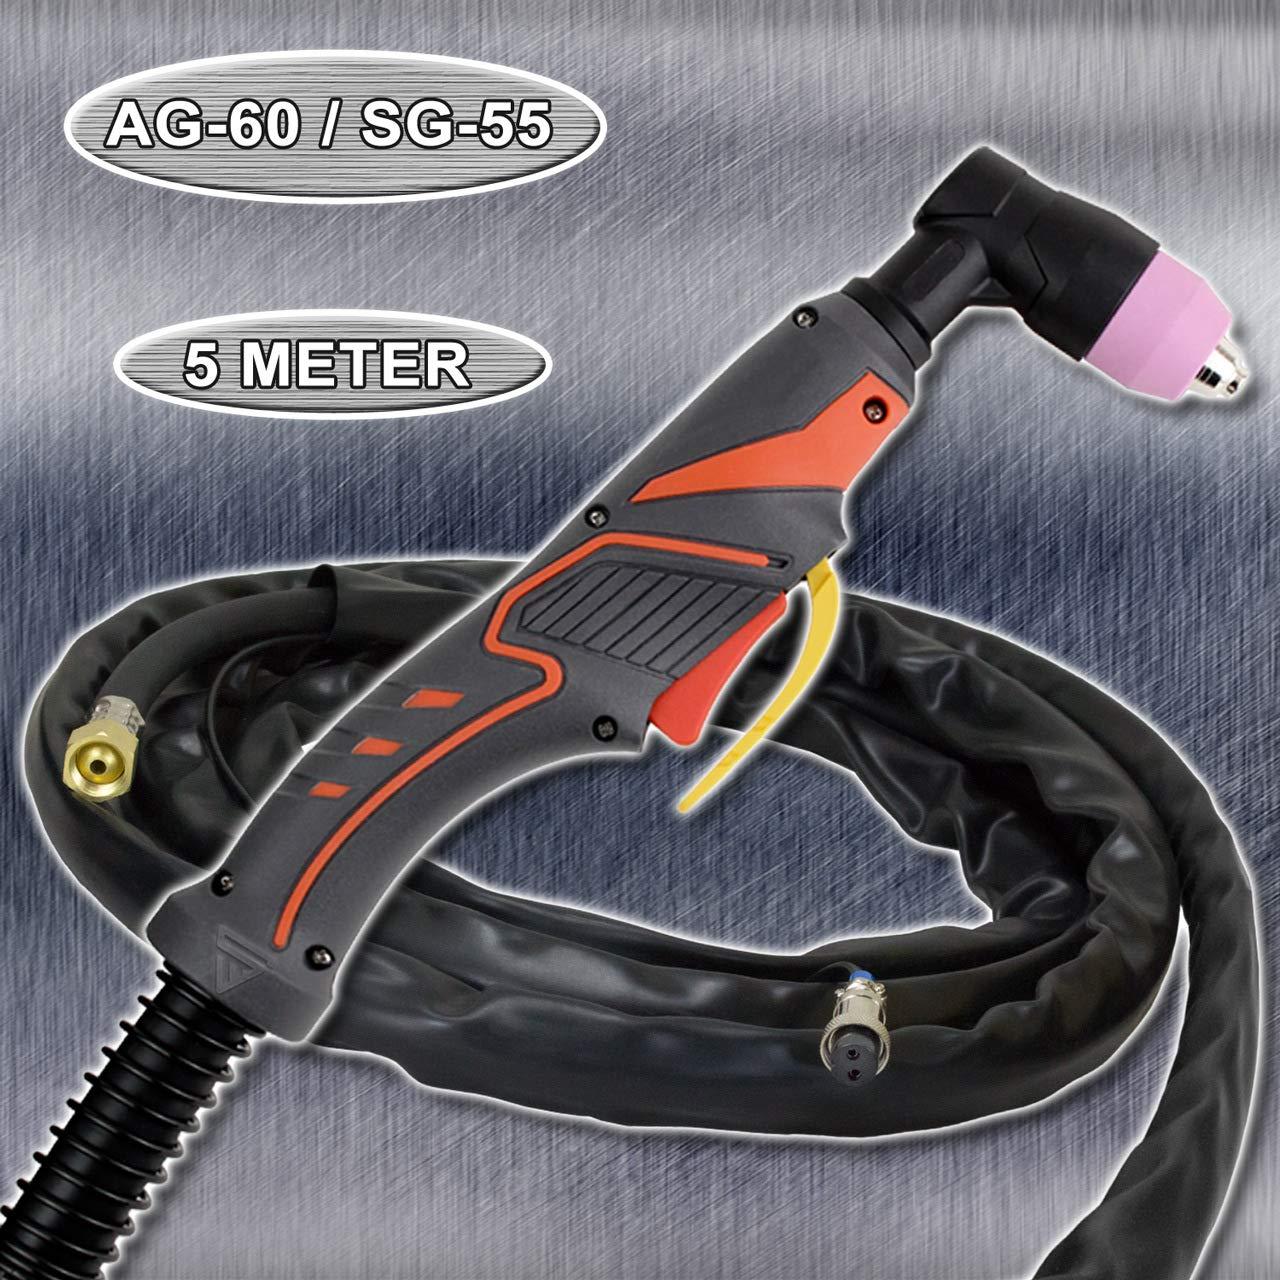 garantie 5 ans STAHLWERK Heller CUT 40 ST IGBT Plasma avec 40 amp/ères jusqu/à 10 mm de puissance de coupe pour t/ôle laqu/ée /& coulissante